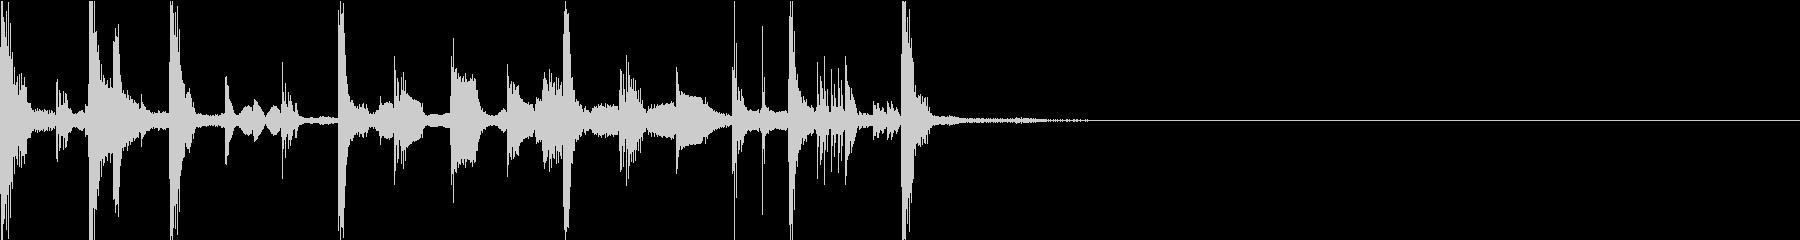 オープニングのエレクトロジングルの未再生の波形